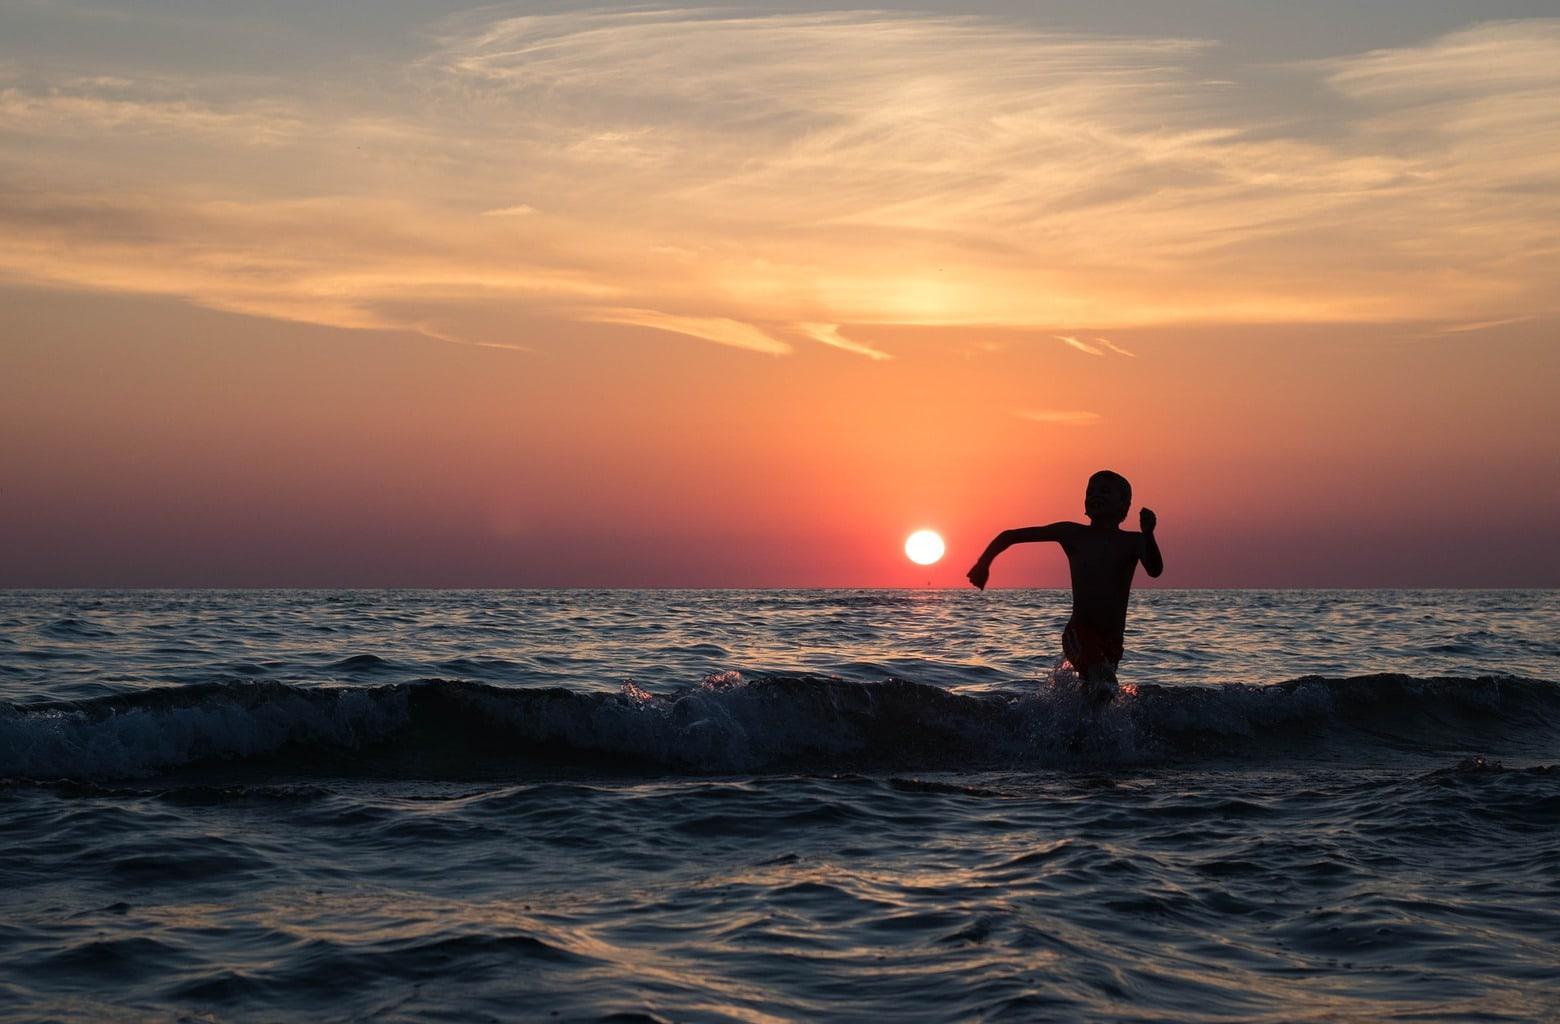 Fotografía atardecer con un niño jugando en la playa